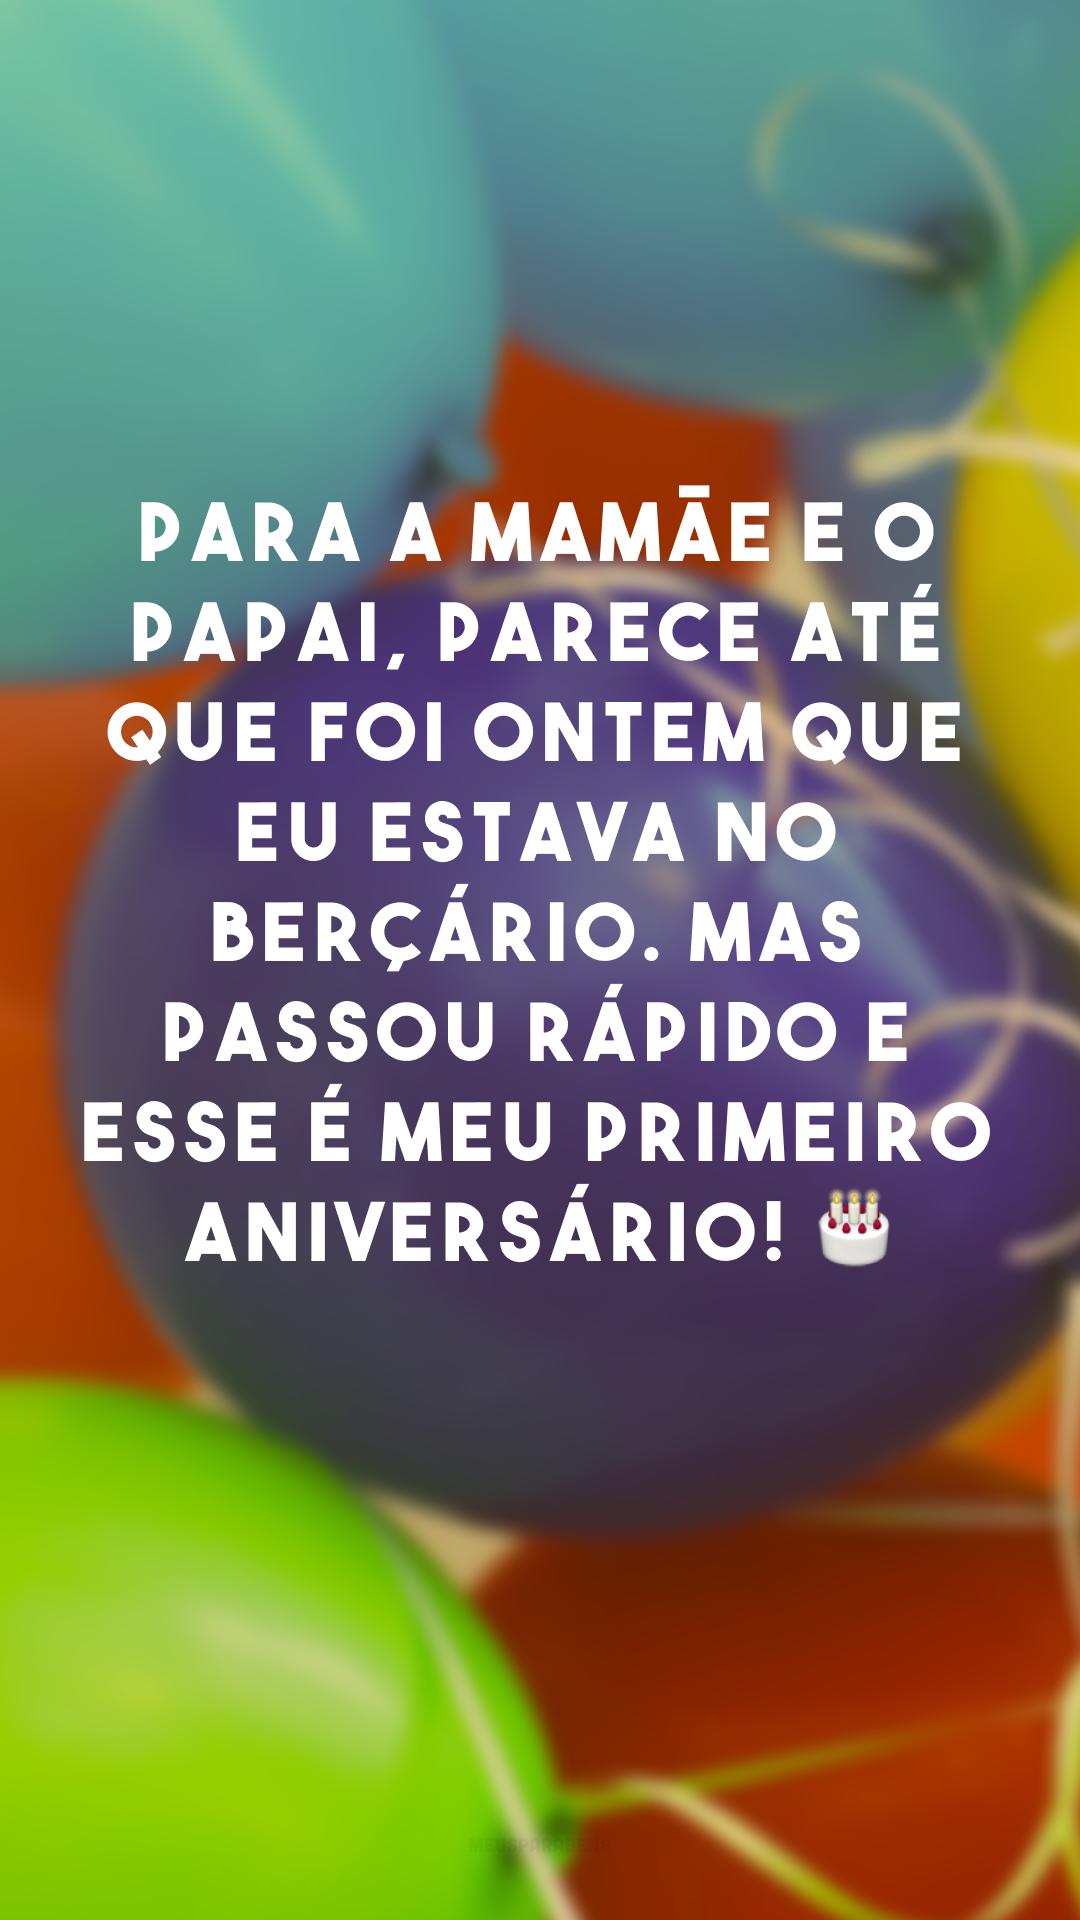 Para a mamãe e o papai, parece até que foi ontem que eu estava no berçário. Mas passou rápido e esse é meu primeiro aniversário! 🎂